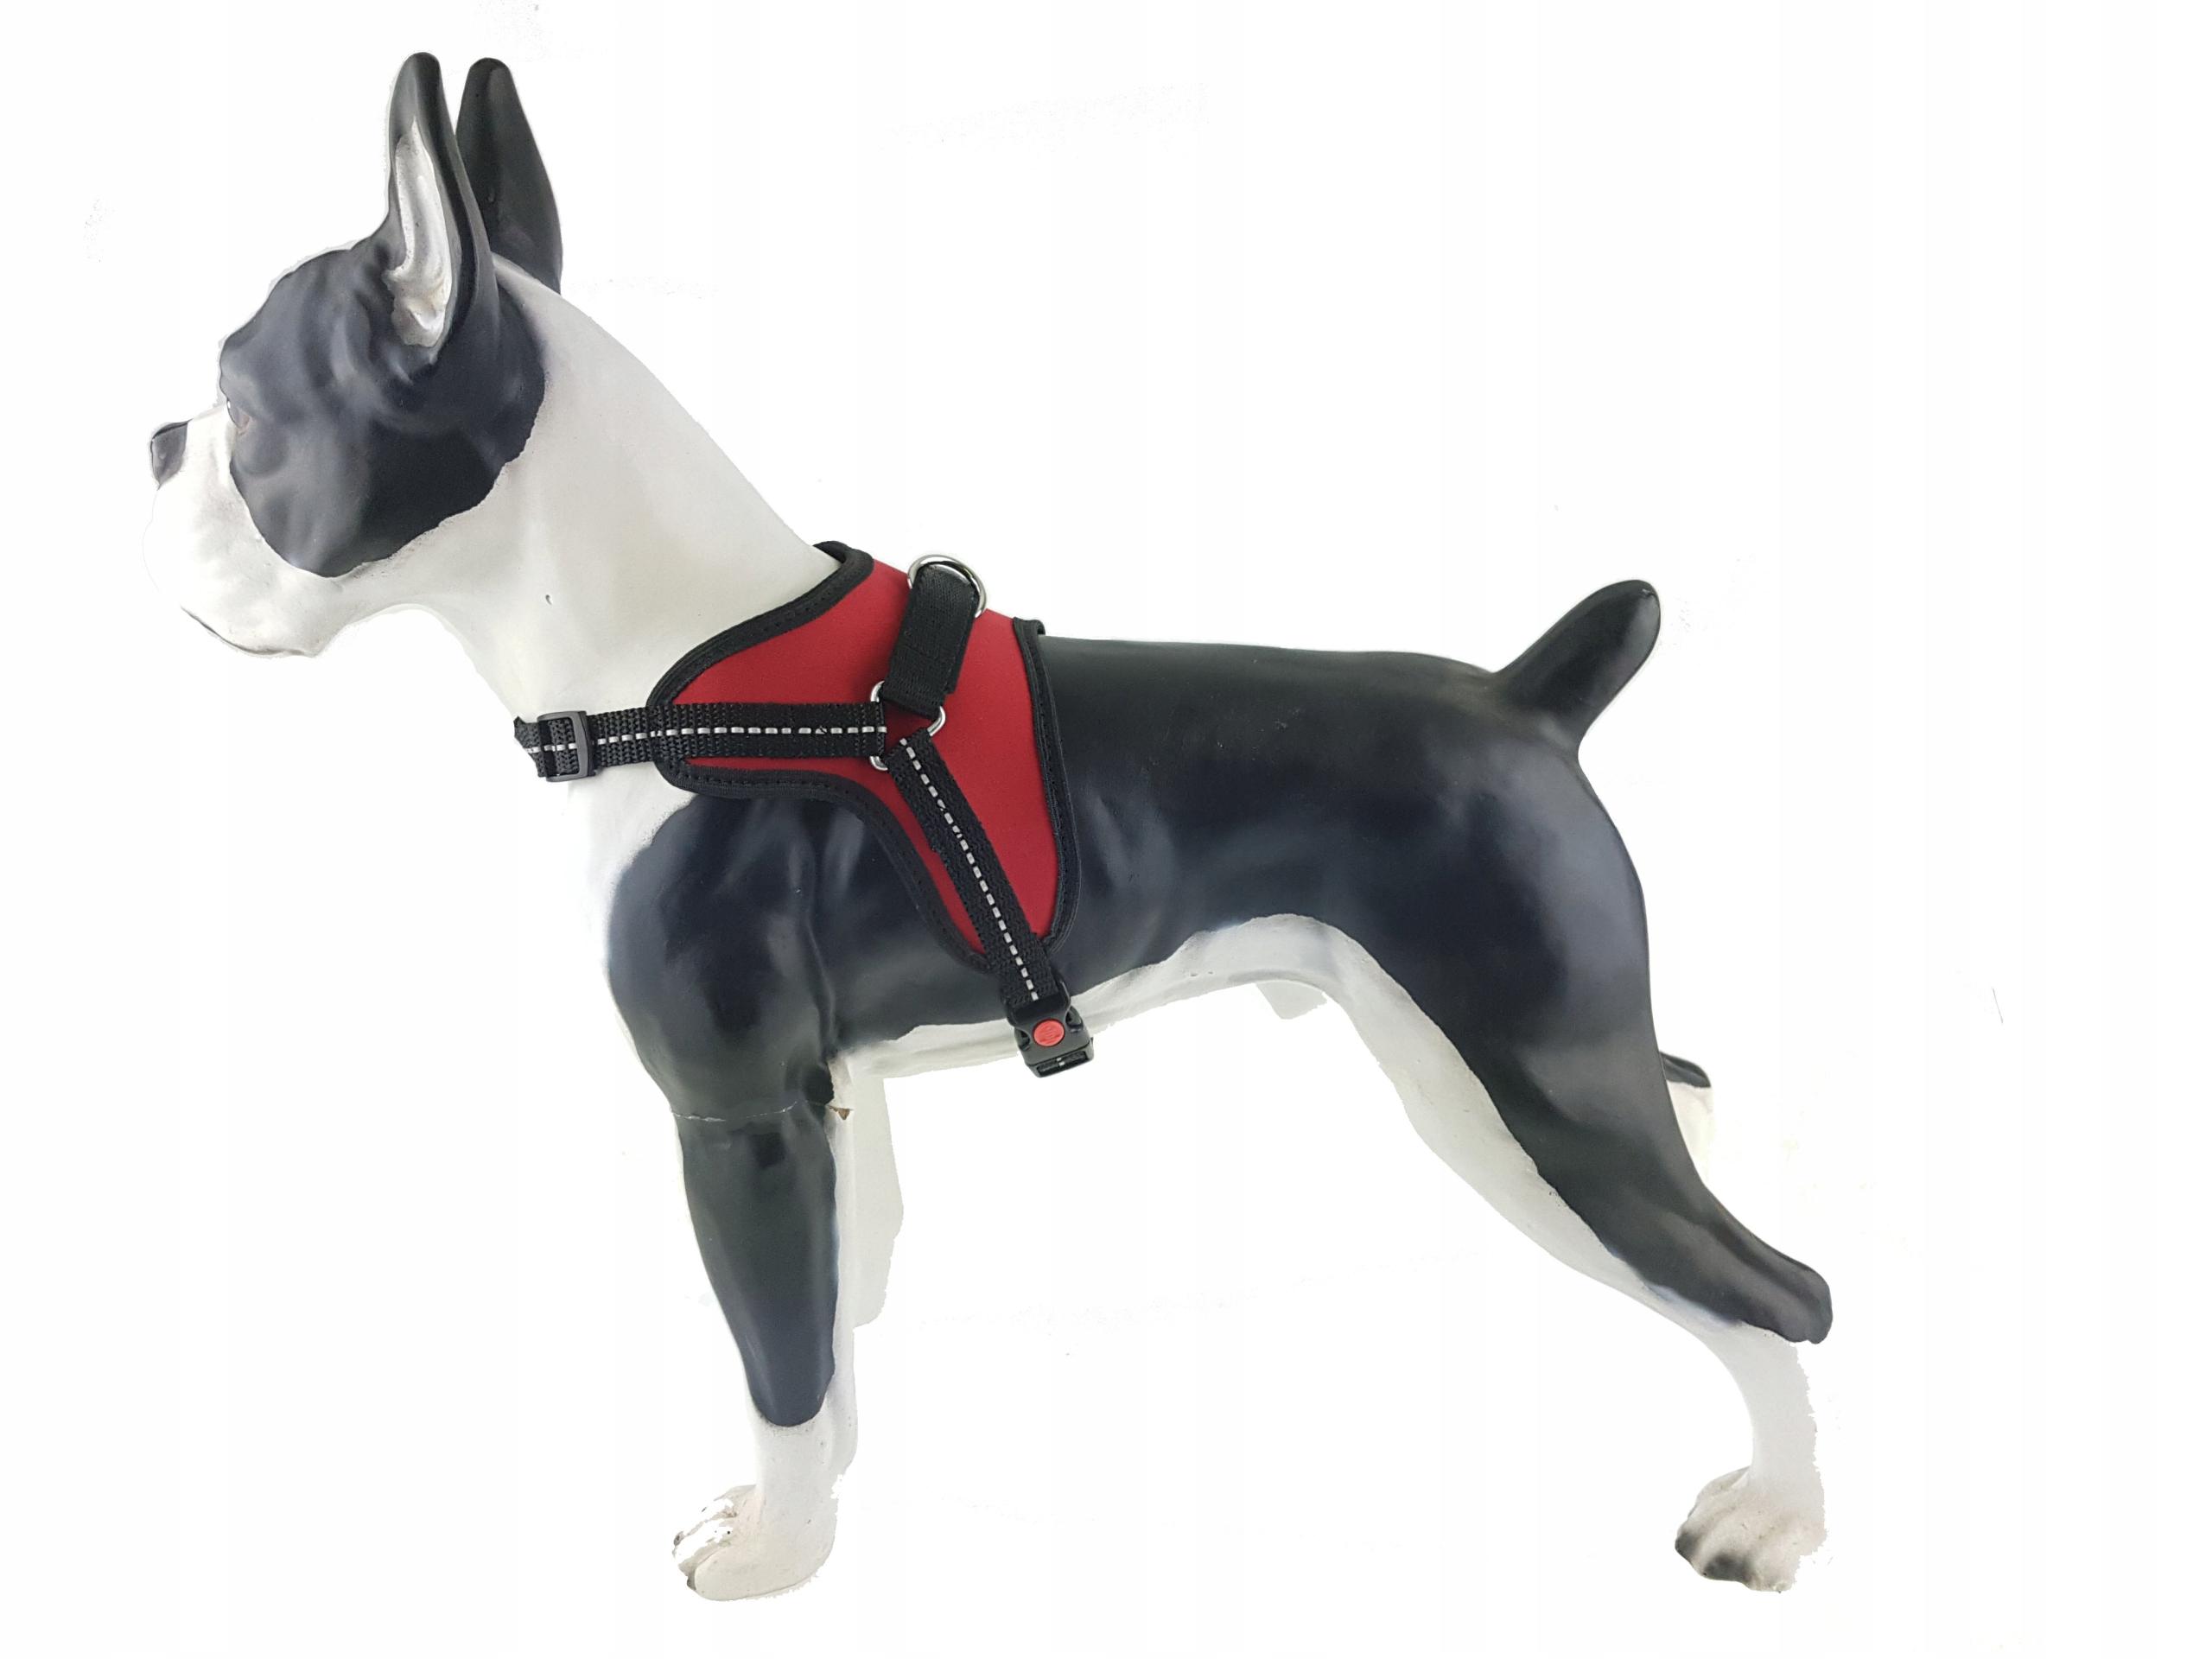 nowe obrazy szczegółowe obrazy całkowicie stylowy szelki dla psa Champion sport 60cm julius uprząż